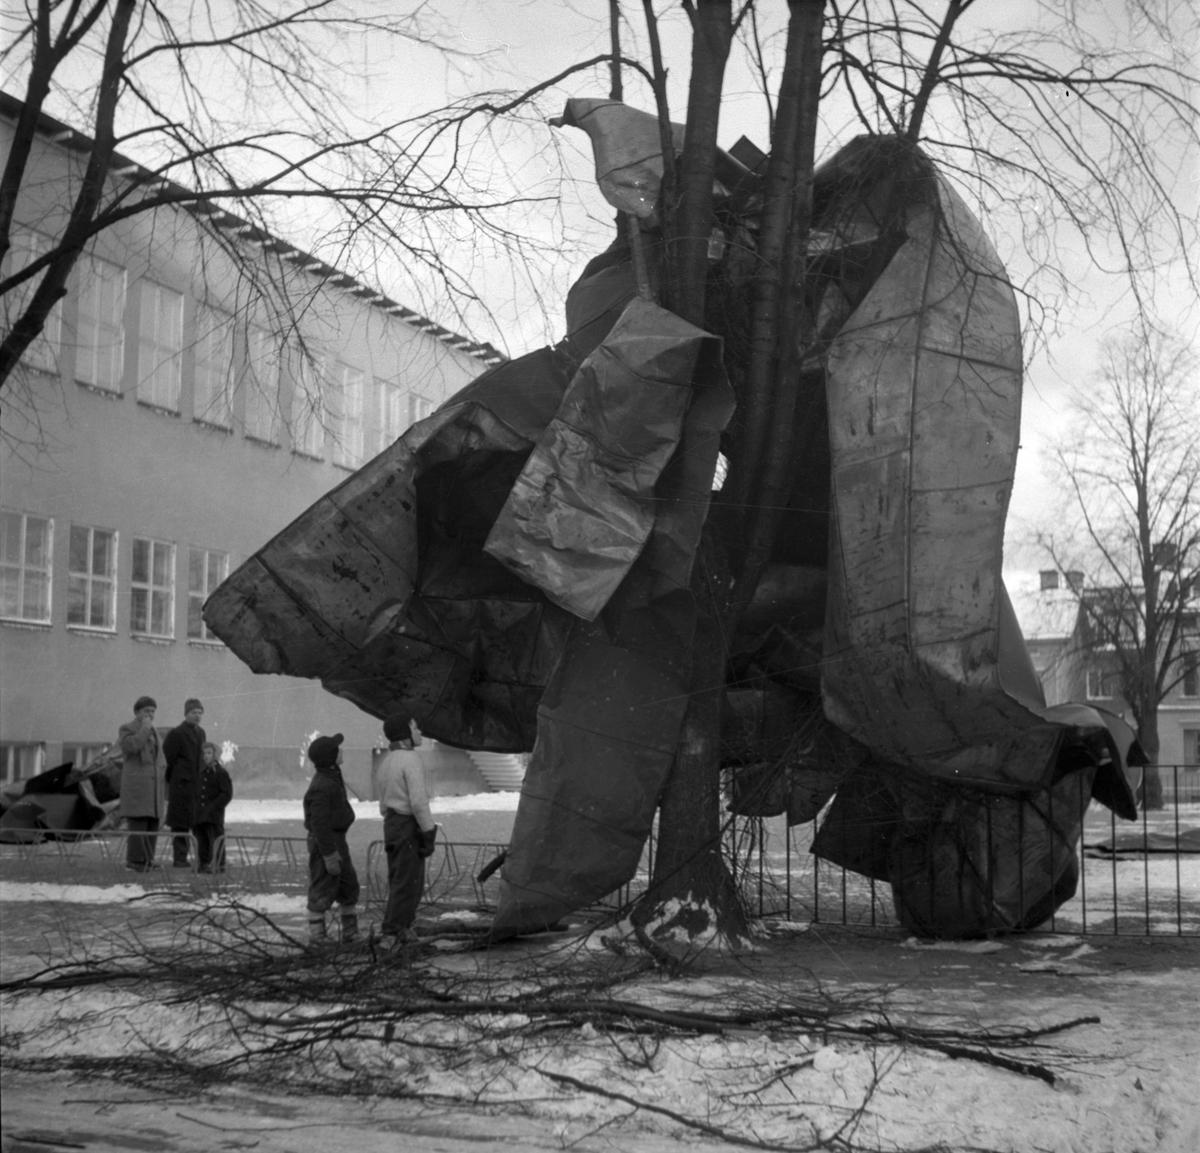 Storm över Gävle. 8 januari 1954. Norra gymnastikhuset vid Norra skolan. Husen i bakgrunden på Norra Köpmangatan.